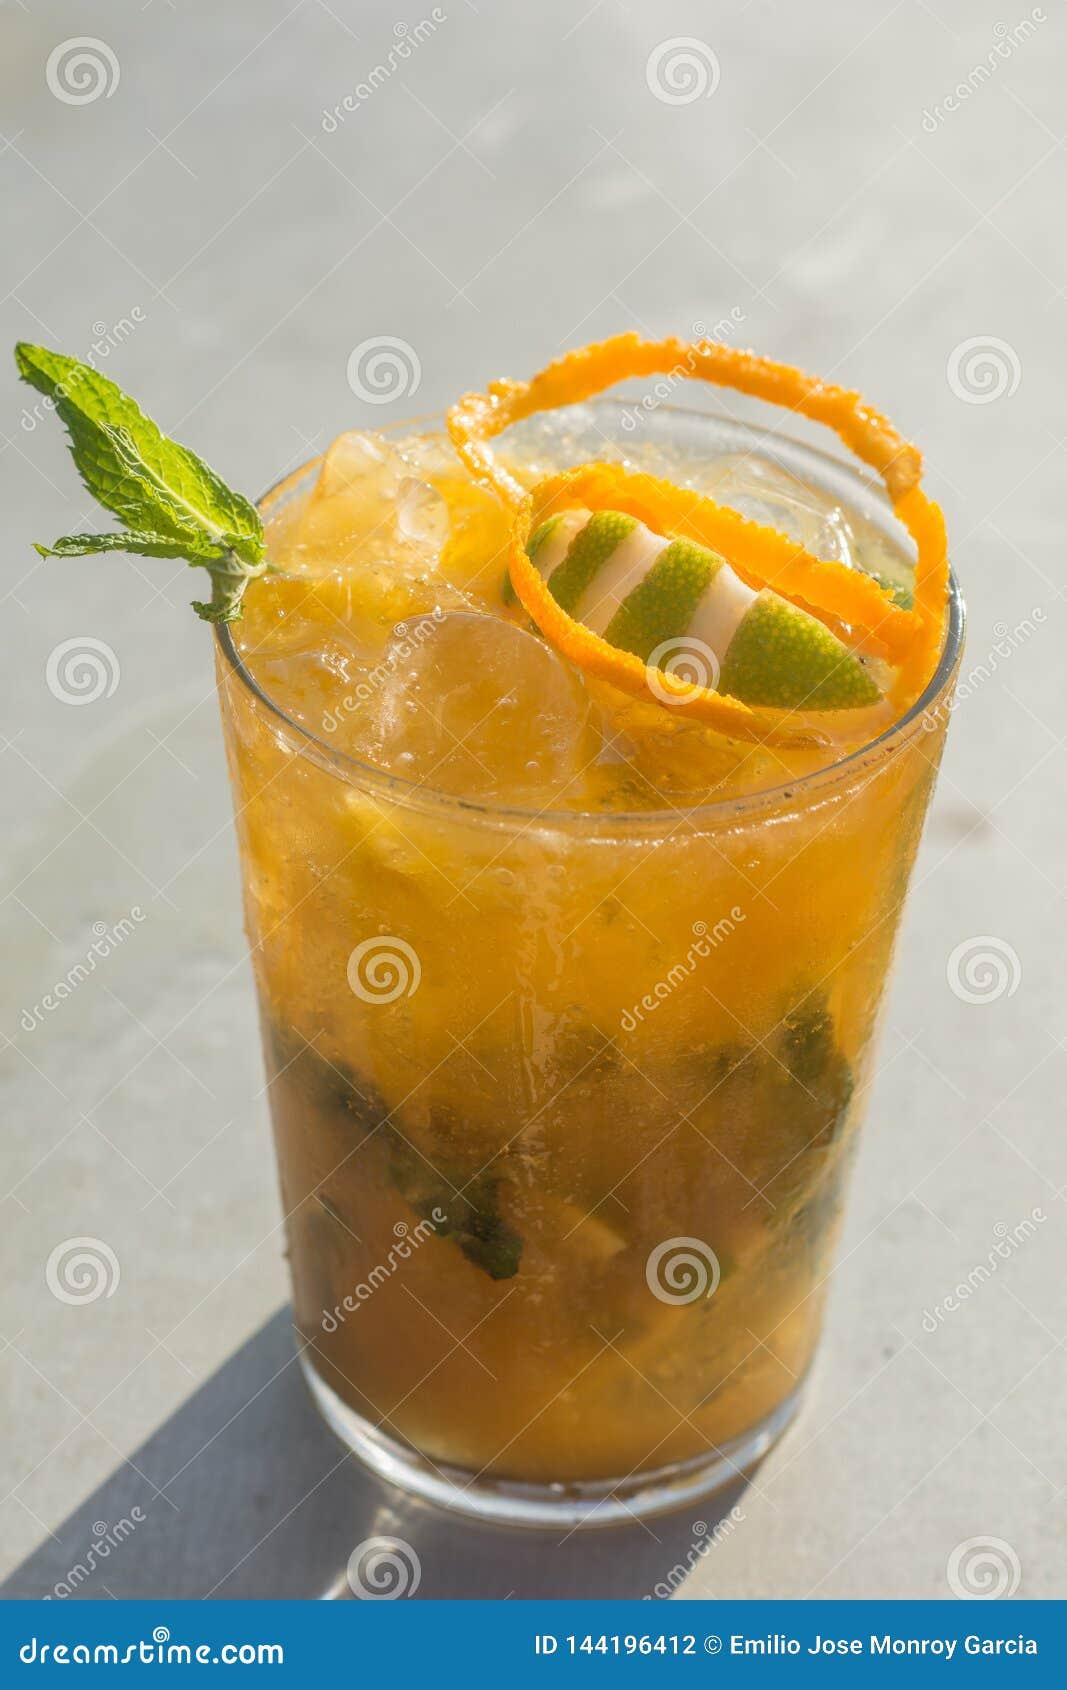 Mango mojito in a sunny day